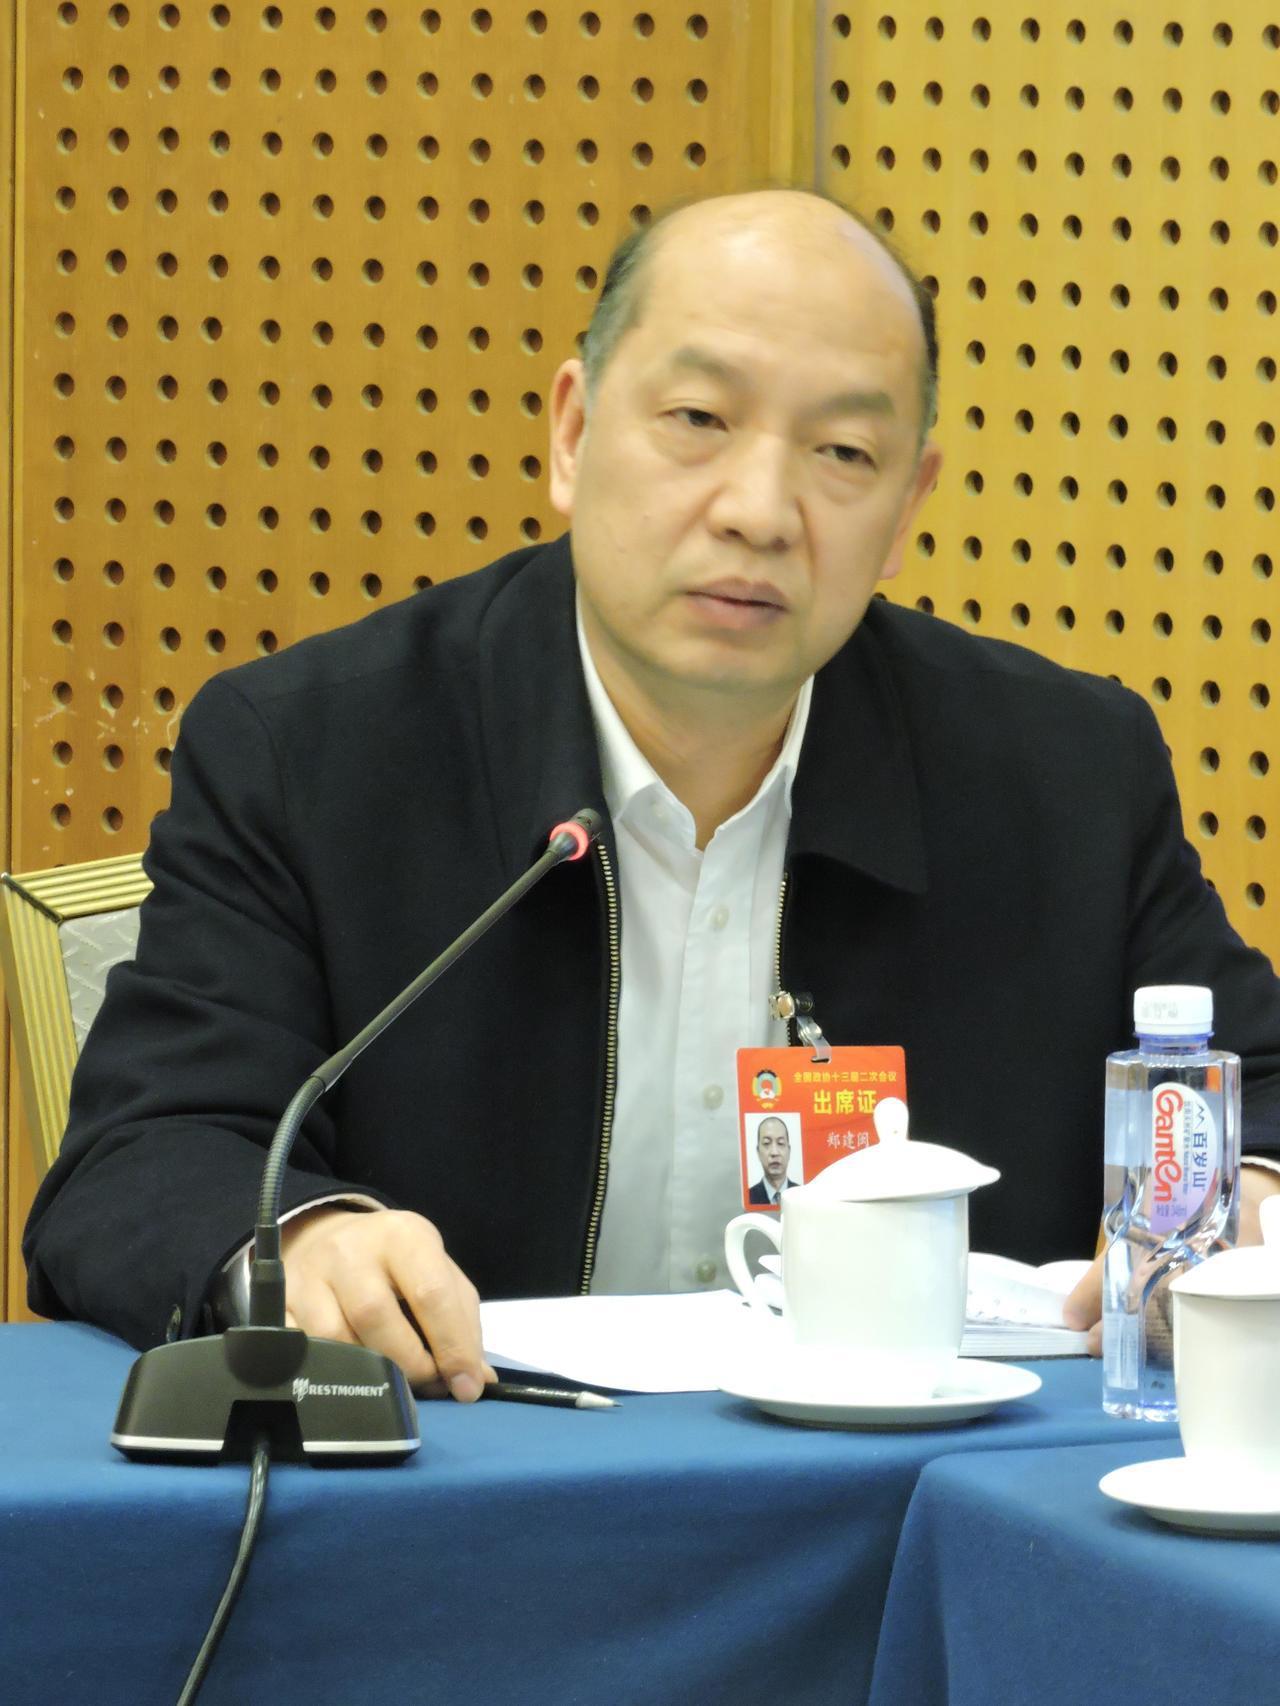 福建省副省長鄭建閩。記者戴瑞芬攝影